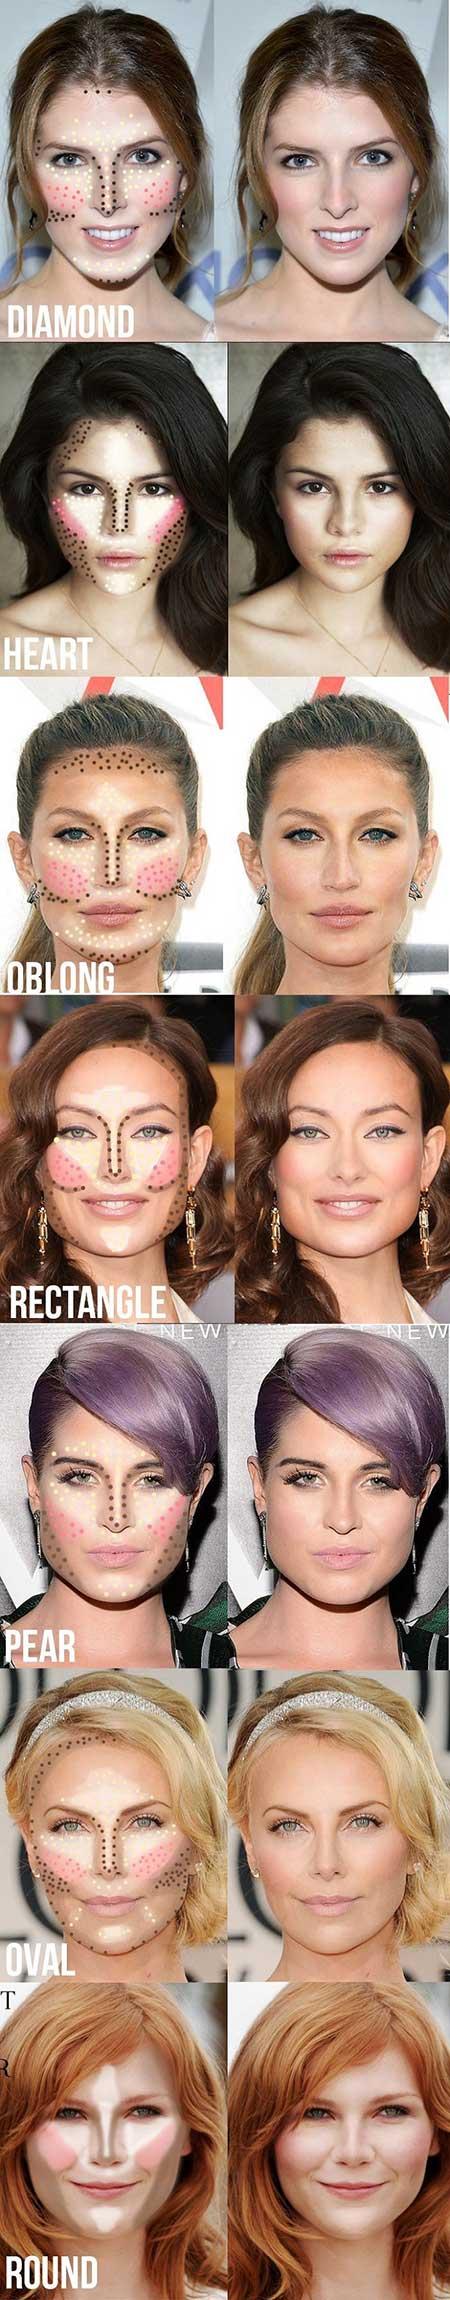 آموزش گریم انواع فرم صورت